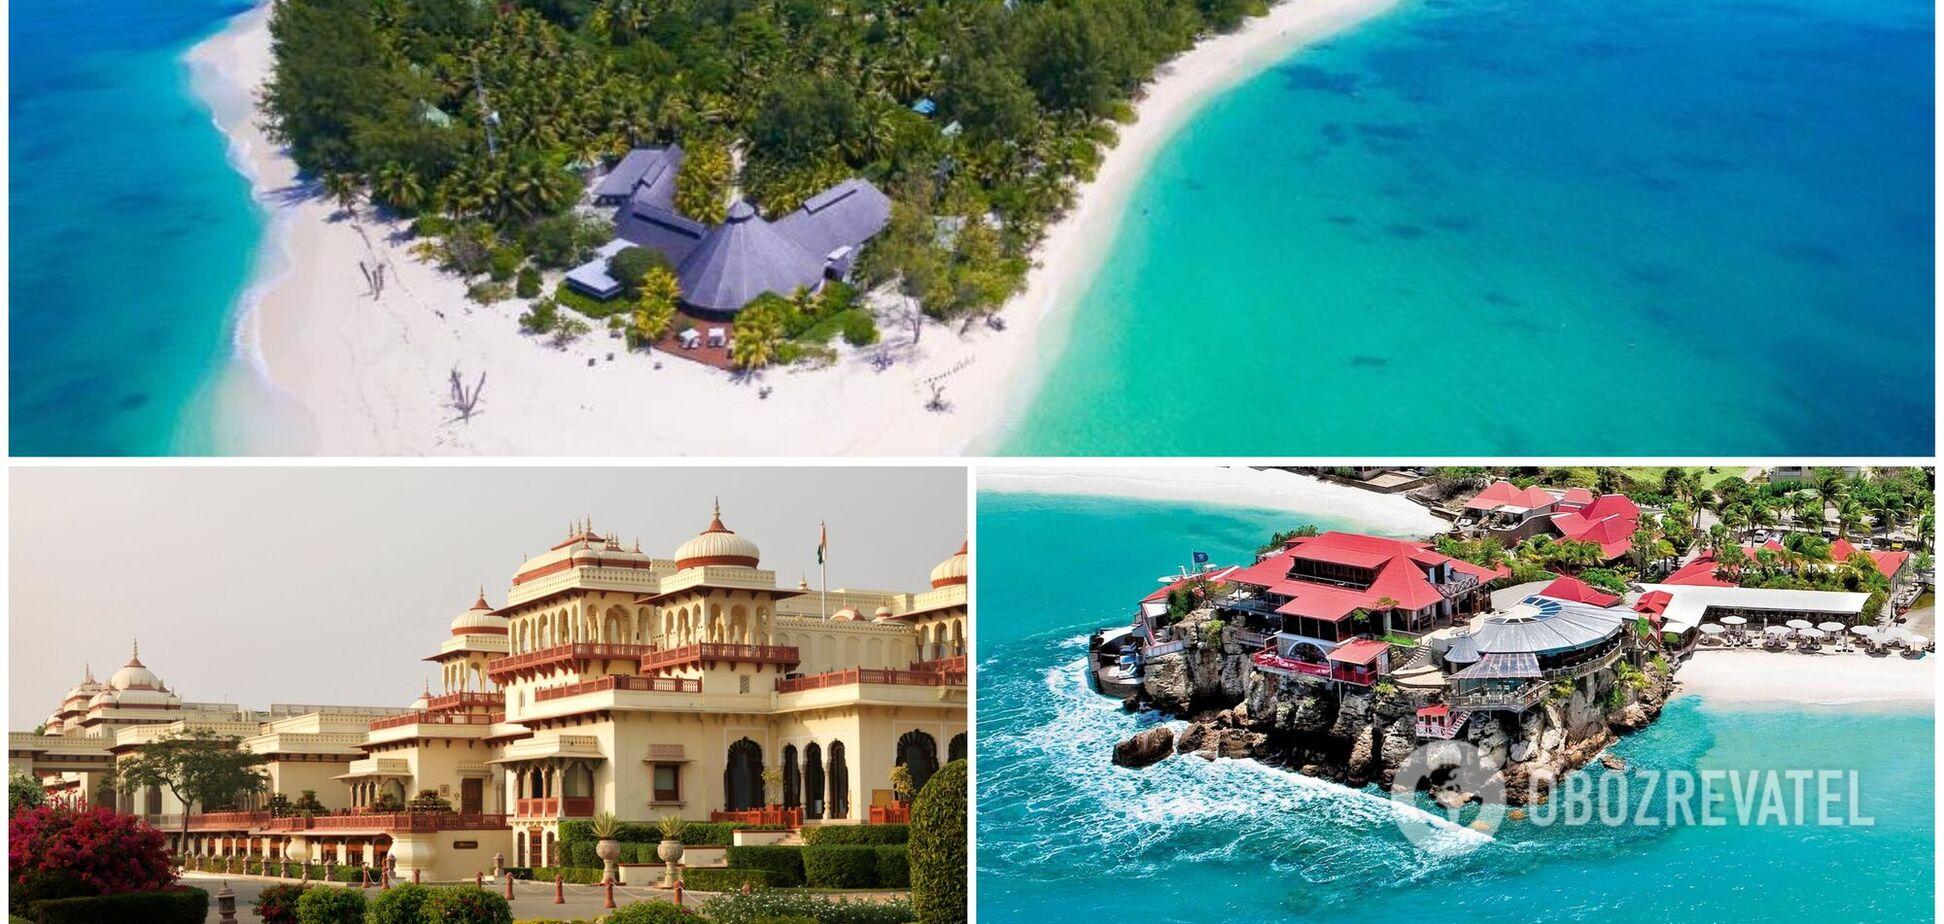 5 самых дорогих мест на планете, где отдыхают только миллиардеры, принцы и звезды. Фото